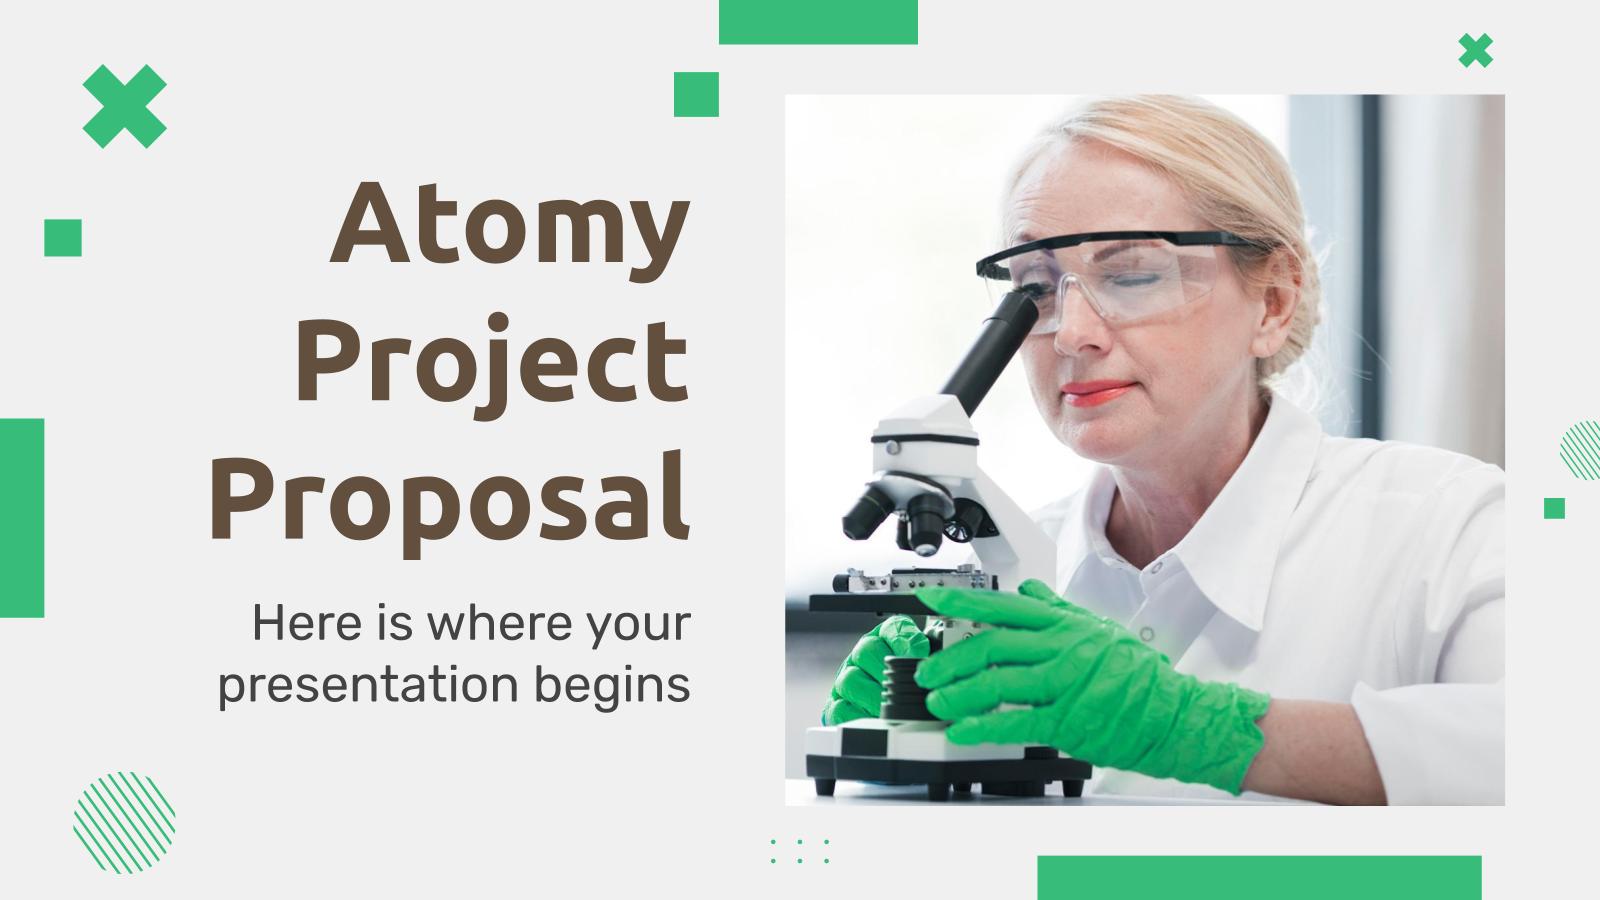 Modelo de apresentação Proposta de projeto Atomy